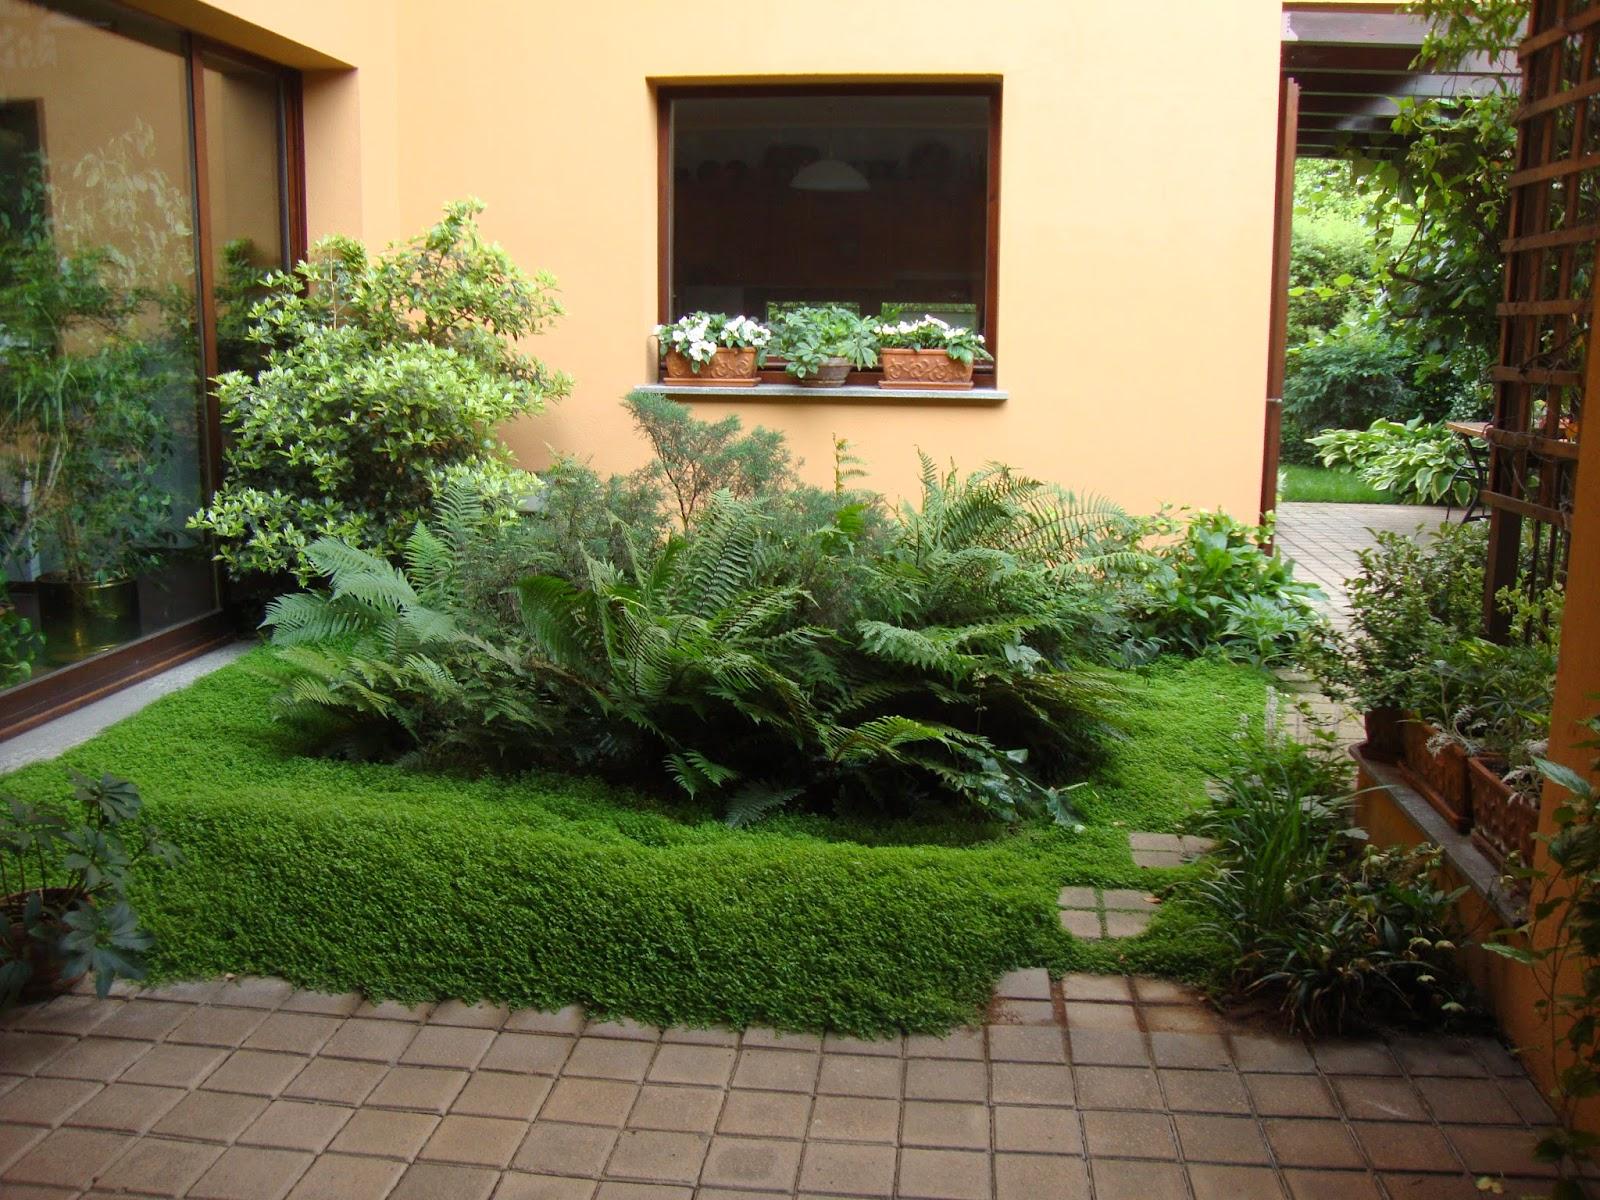 Un piccolo giardino in città bentornati nel mio giardino